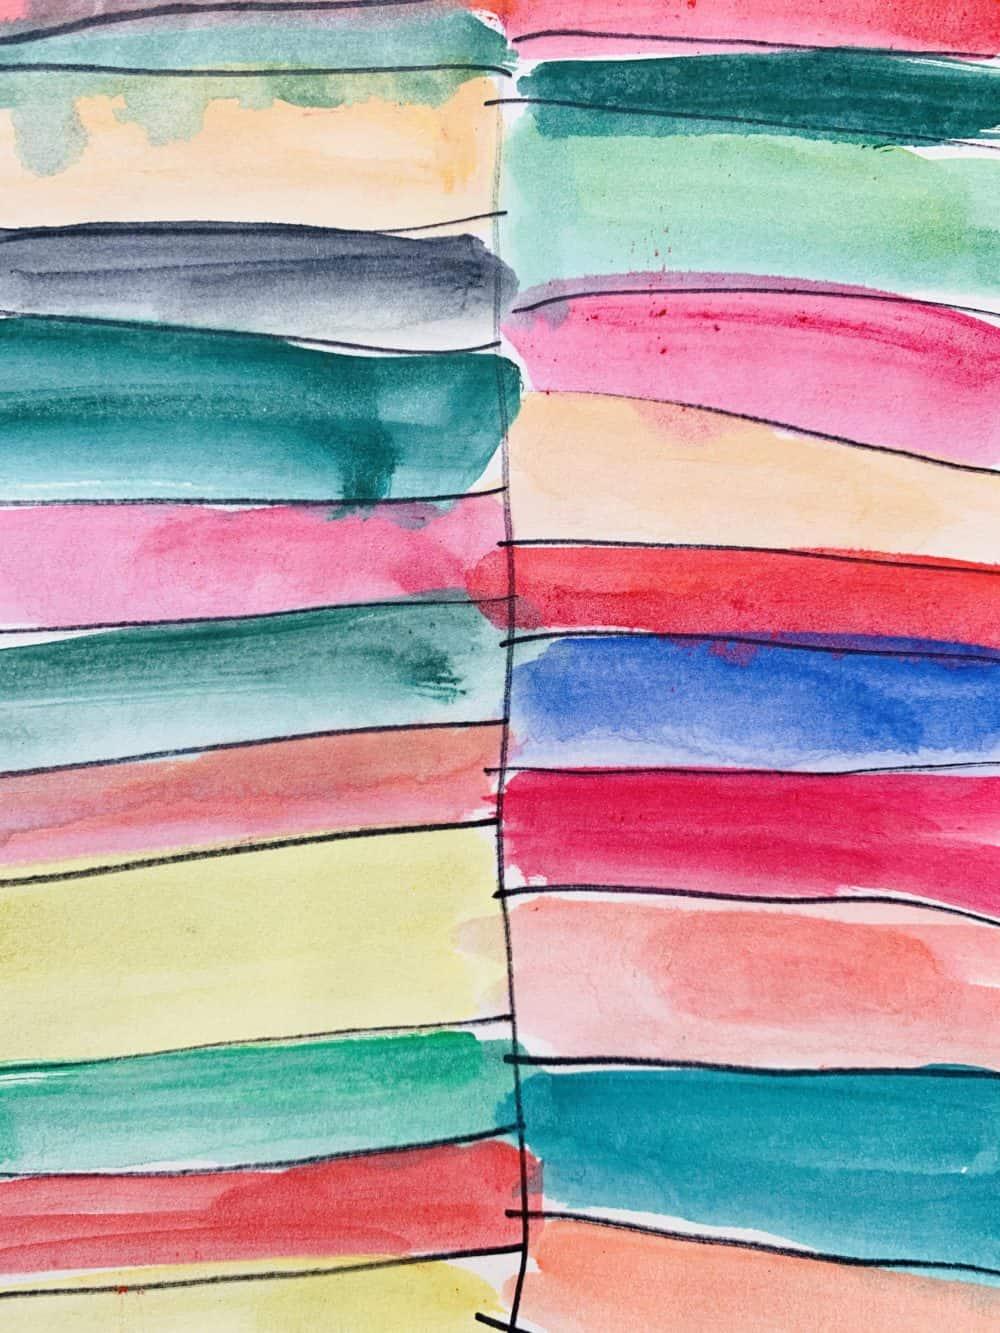 Abstraktes Acrylbild leichte farbige Flächen